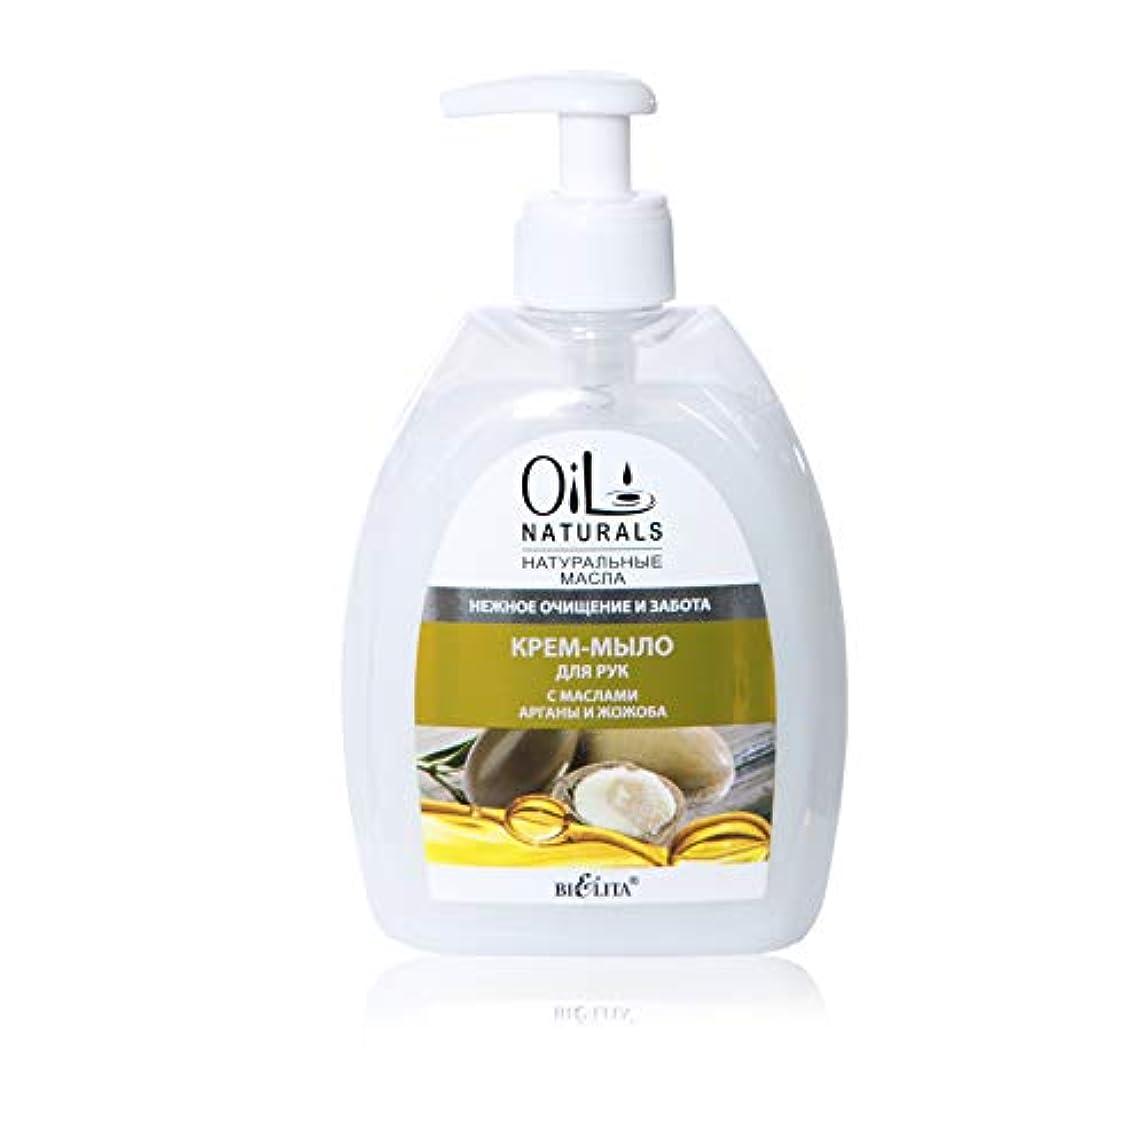 弁護士ガロンピューBielita & Vitex Oil Naturals Line | Gentle Cleansing & Care Hand Cream-Soap, 400 ml | Argan Oil, Silk Proteins...